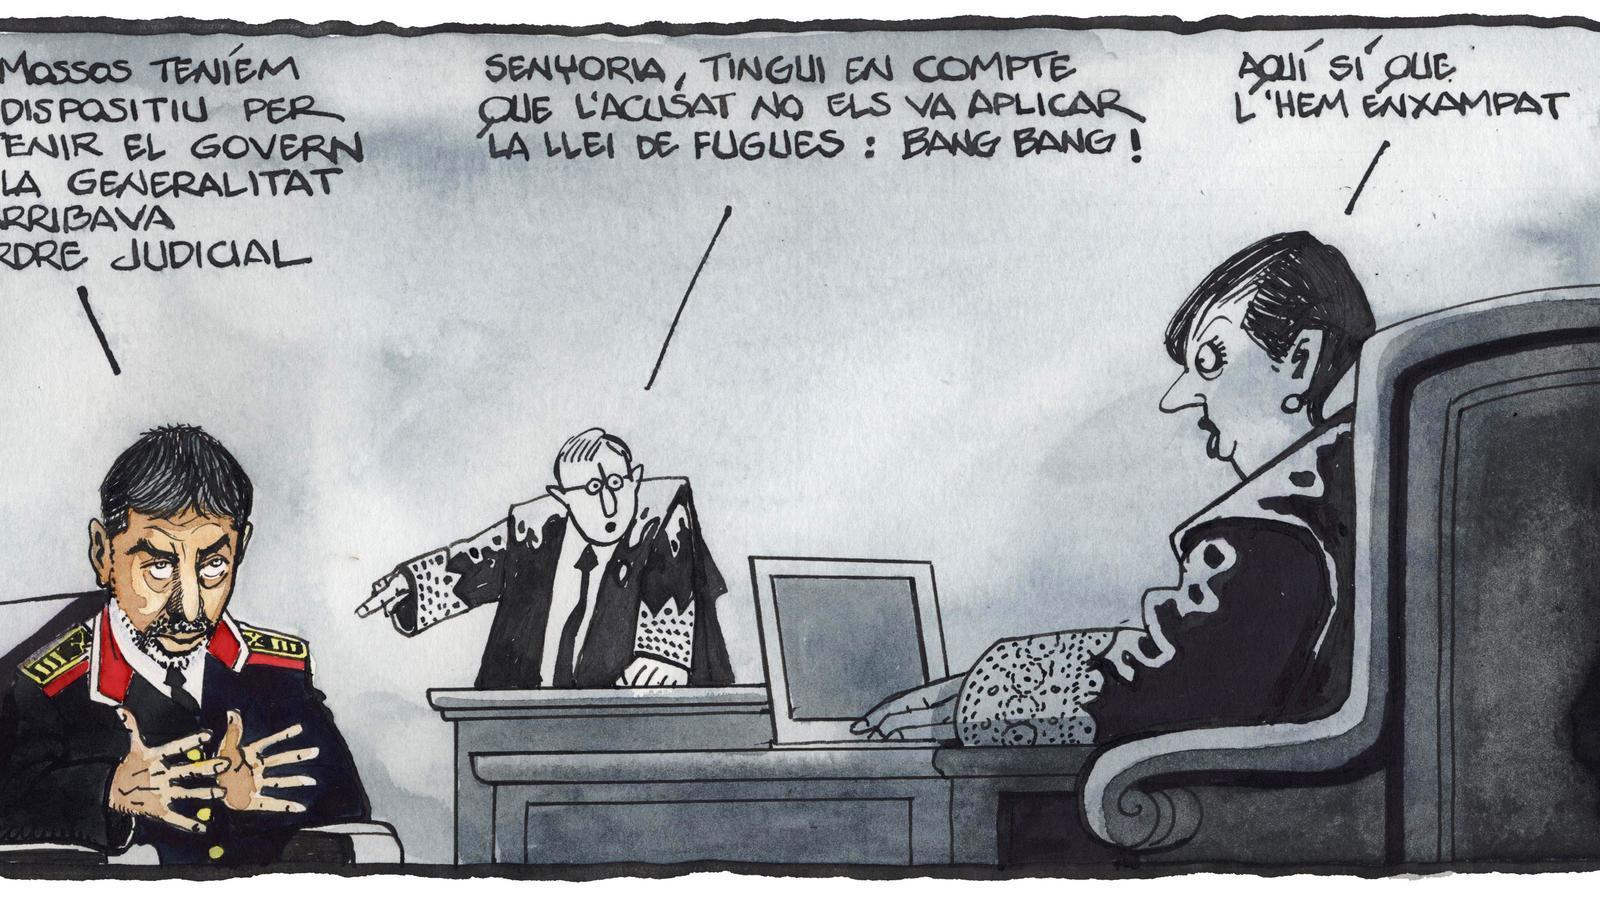 'A la contra', per Ferreres 24/01/2020